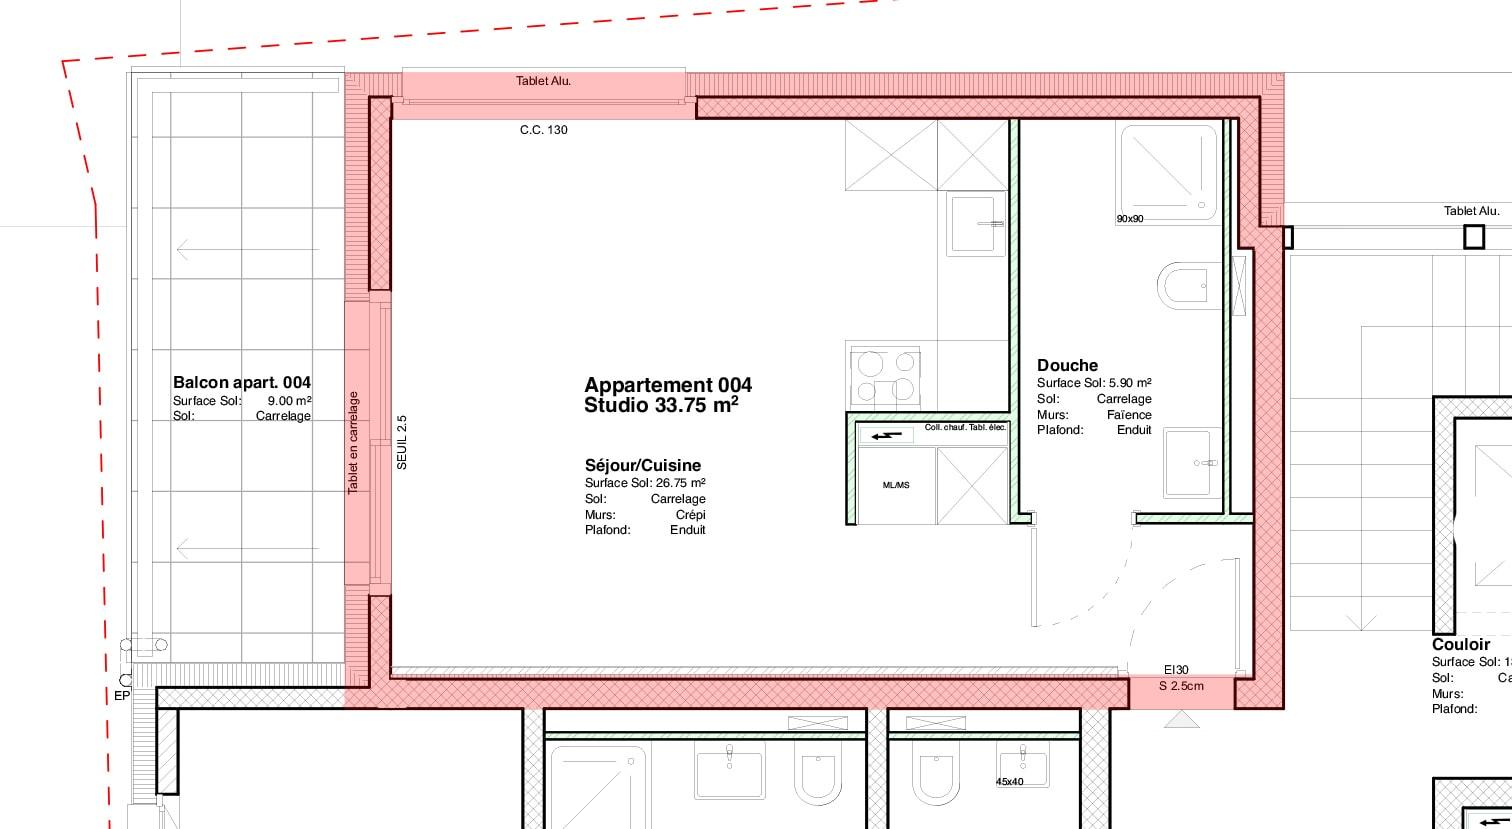 cdlp design interieur, interior designer, architecture interieur, decoration interieur, design interieur, acquisition sur plan